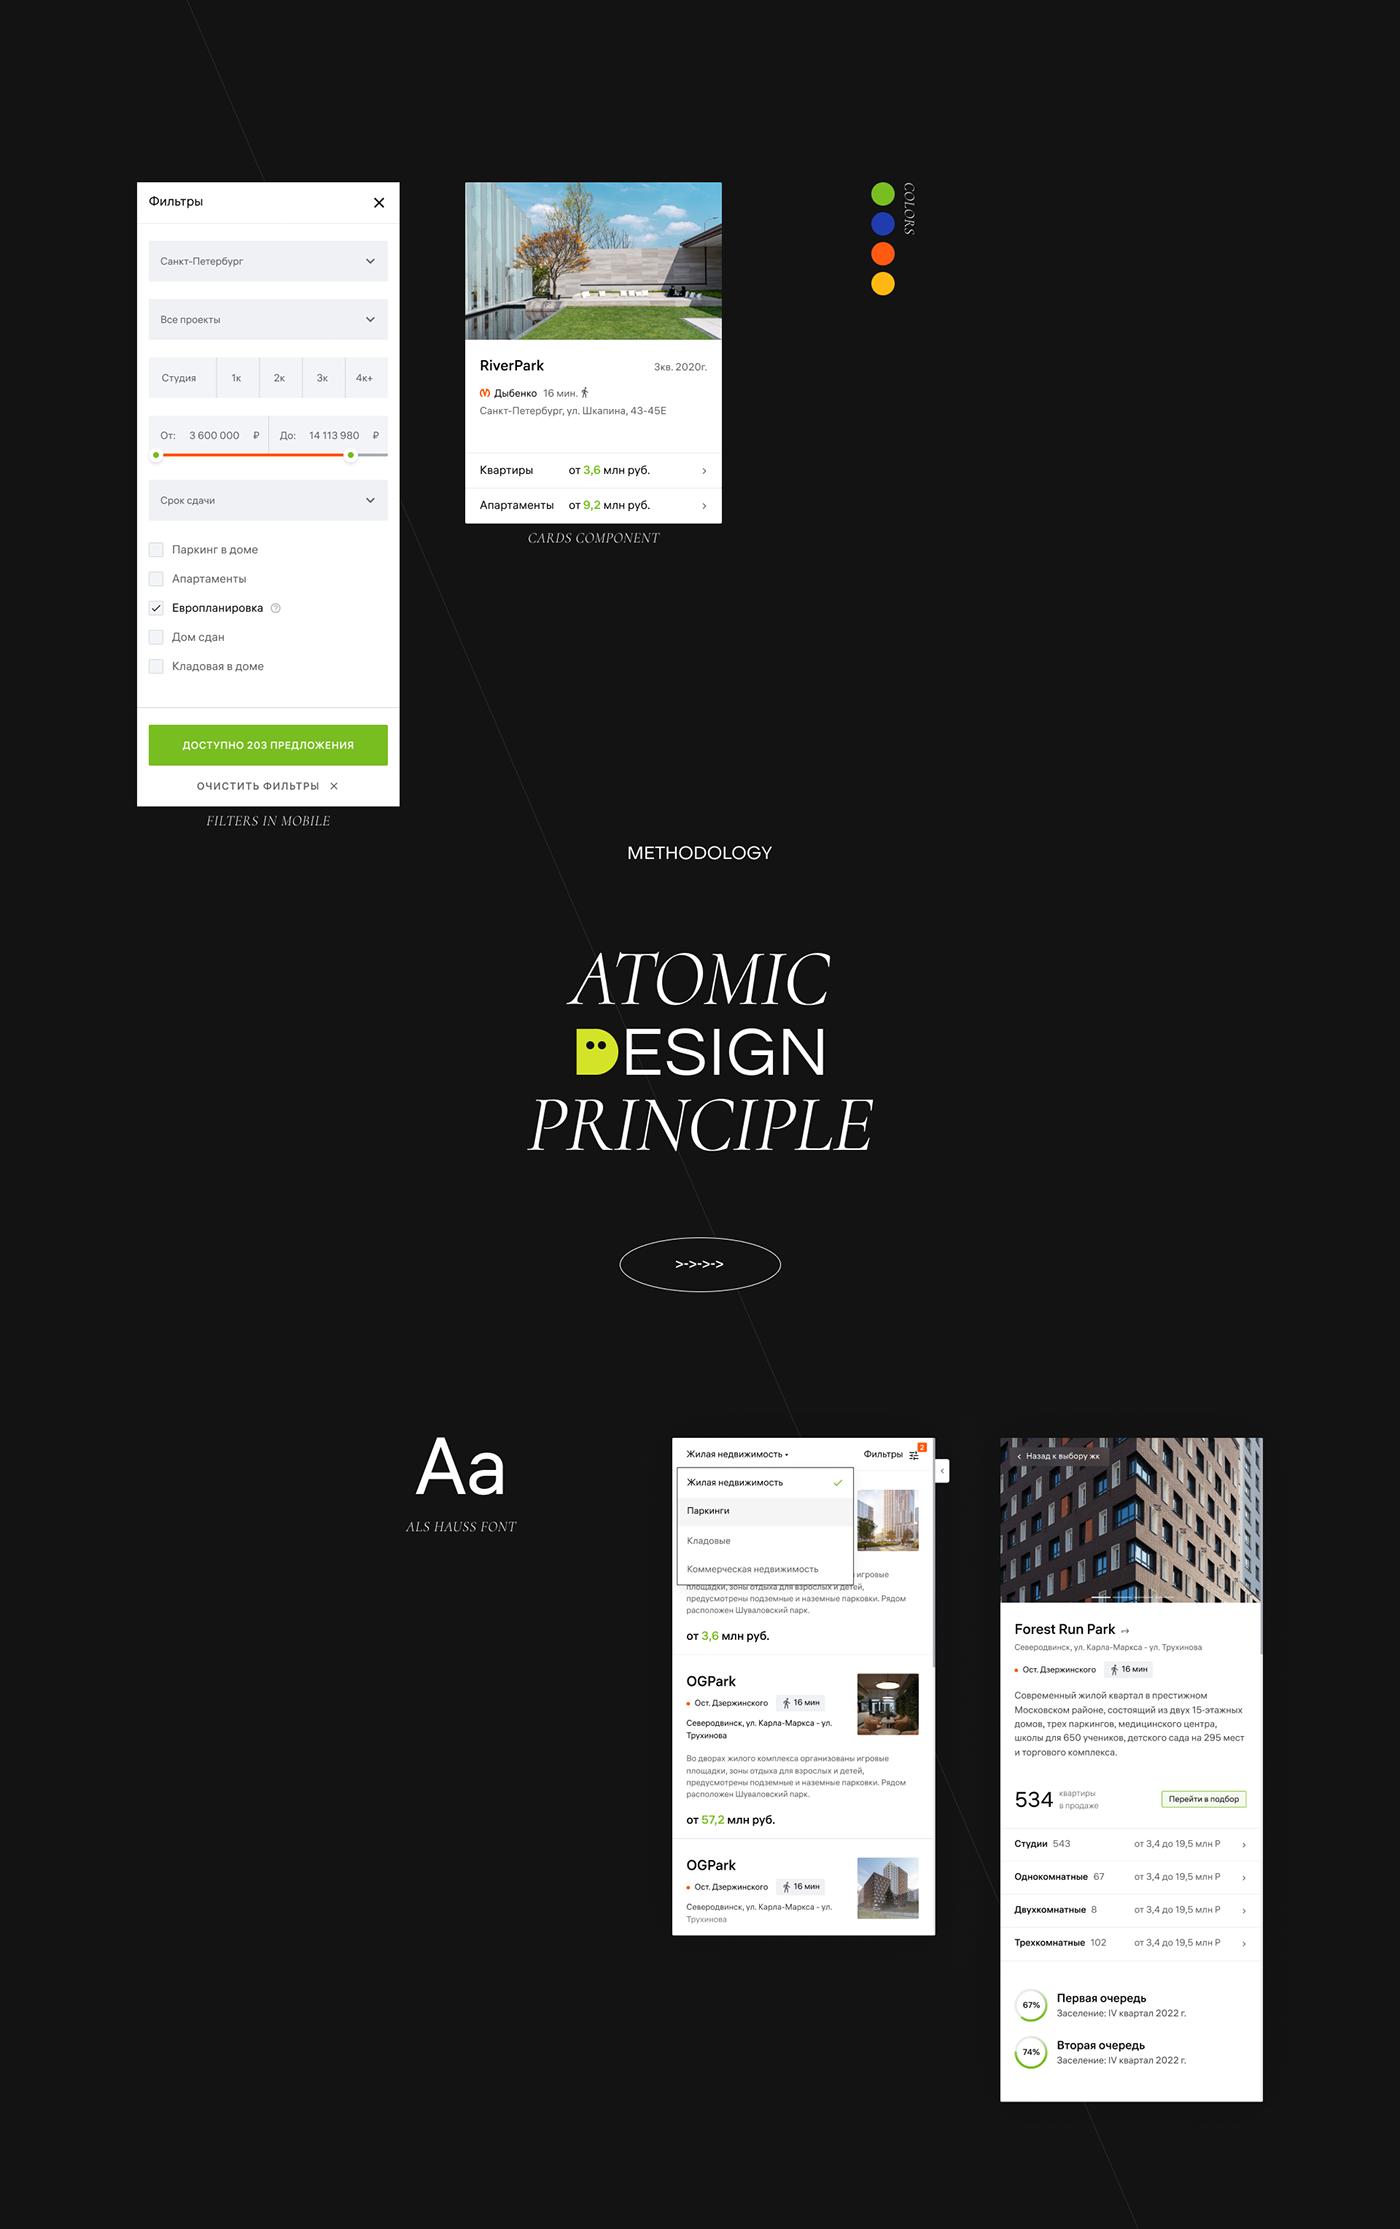 Atomic design principle